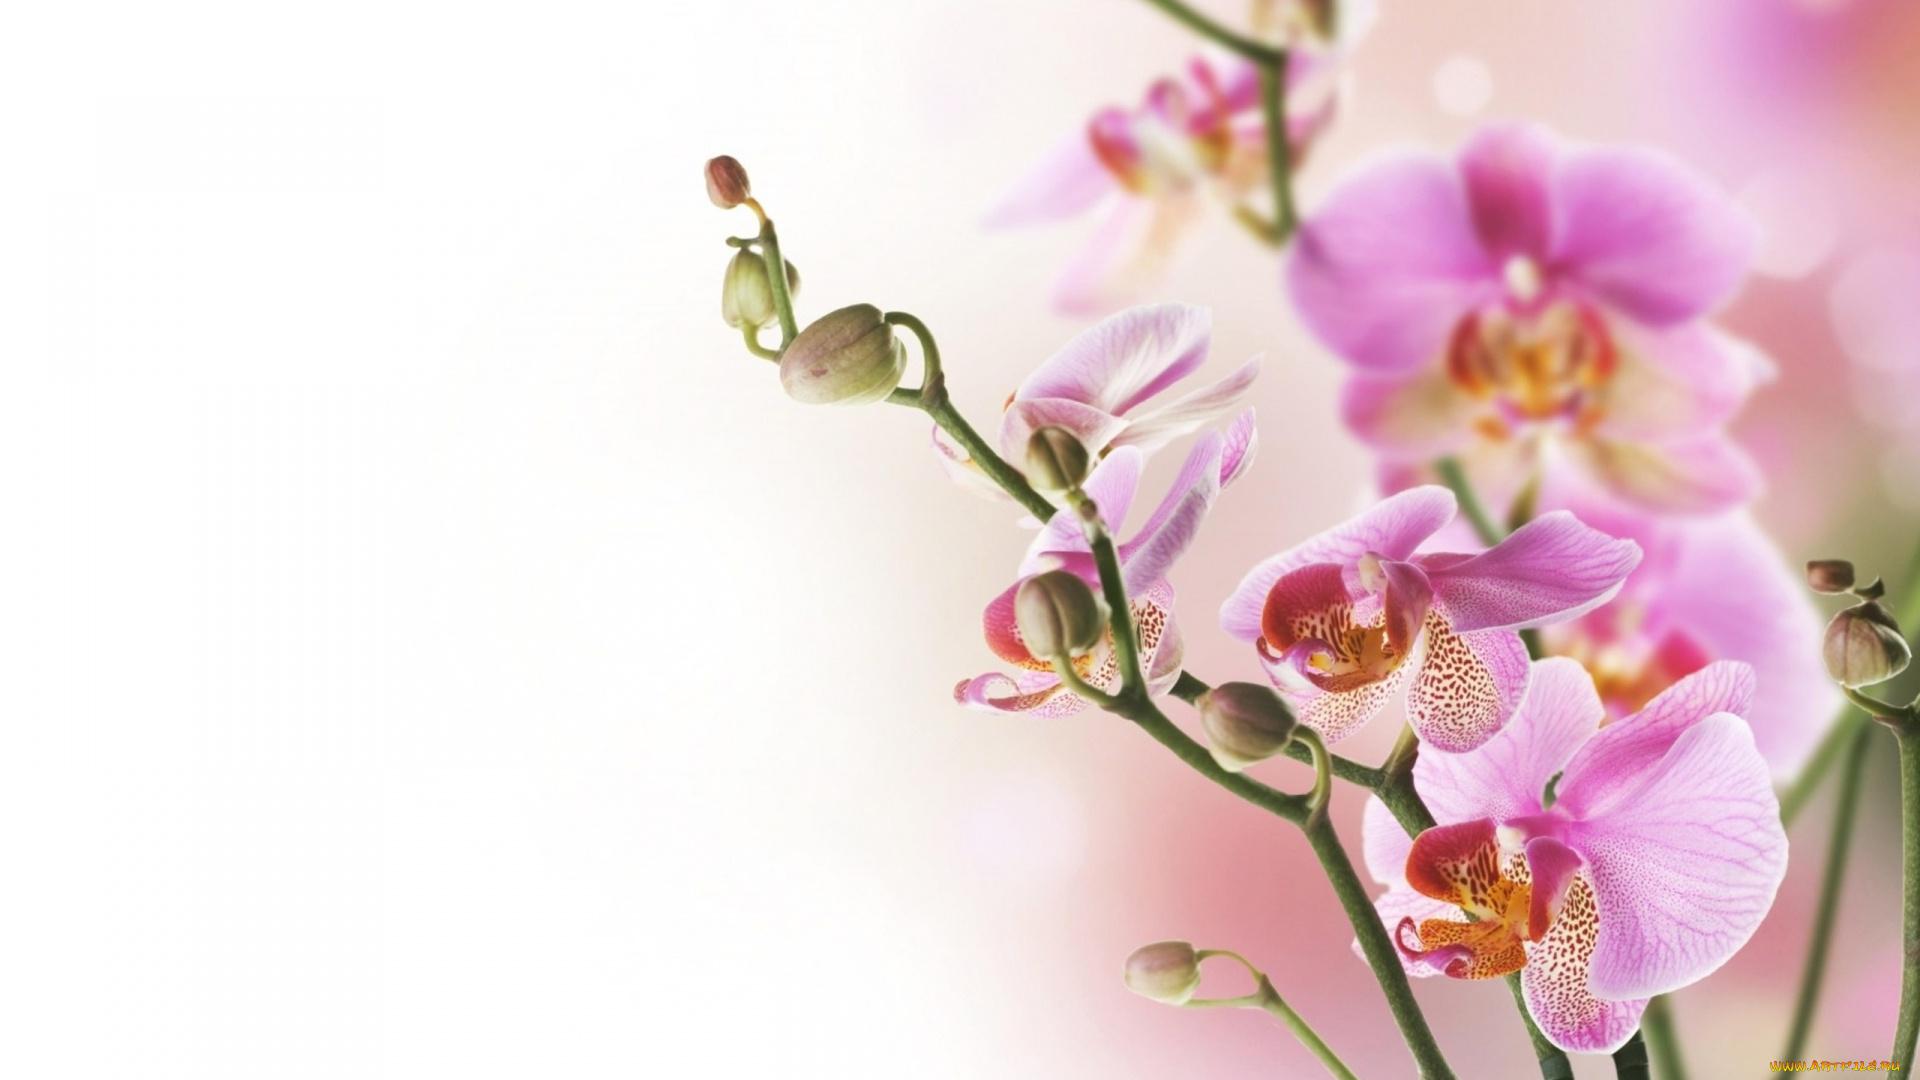 Восьмой марта, картинка с 8 марта креативная с орхидеей